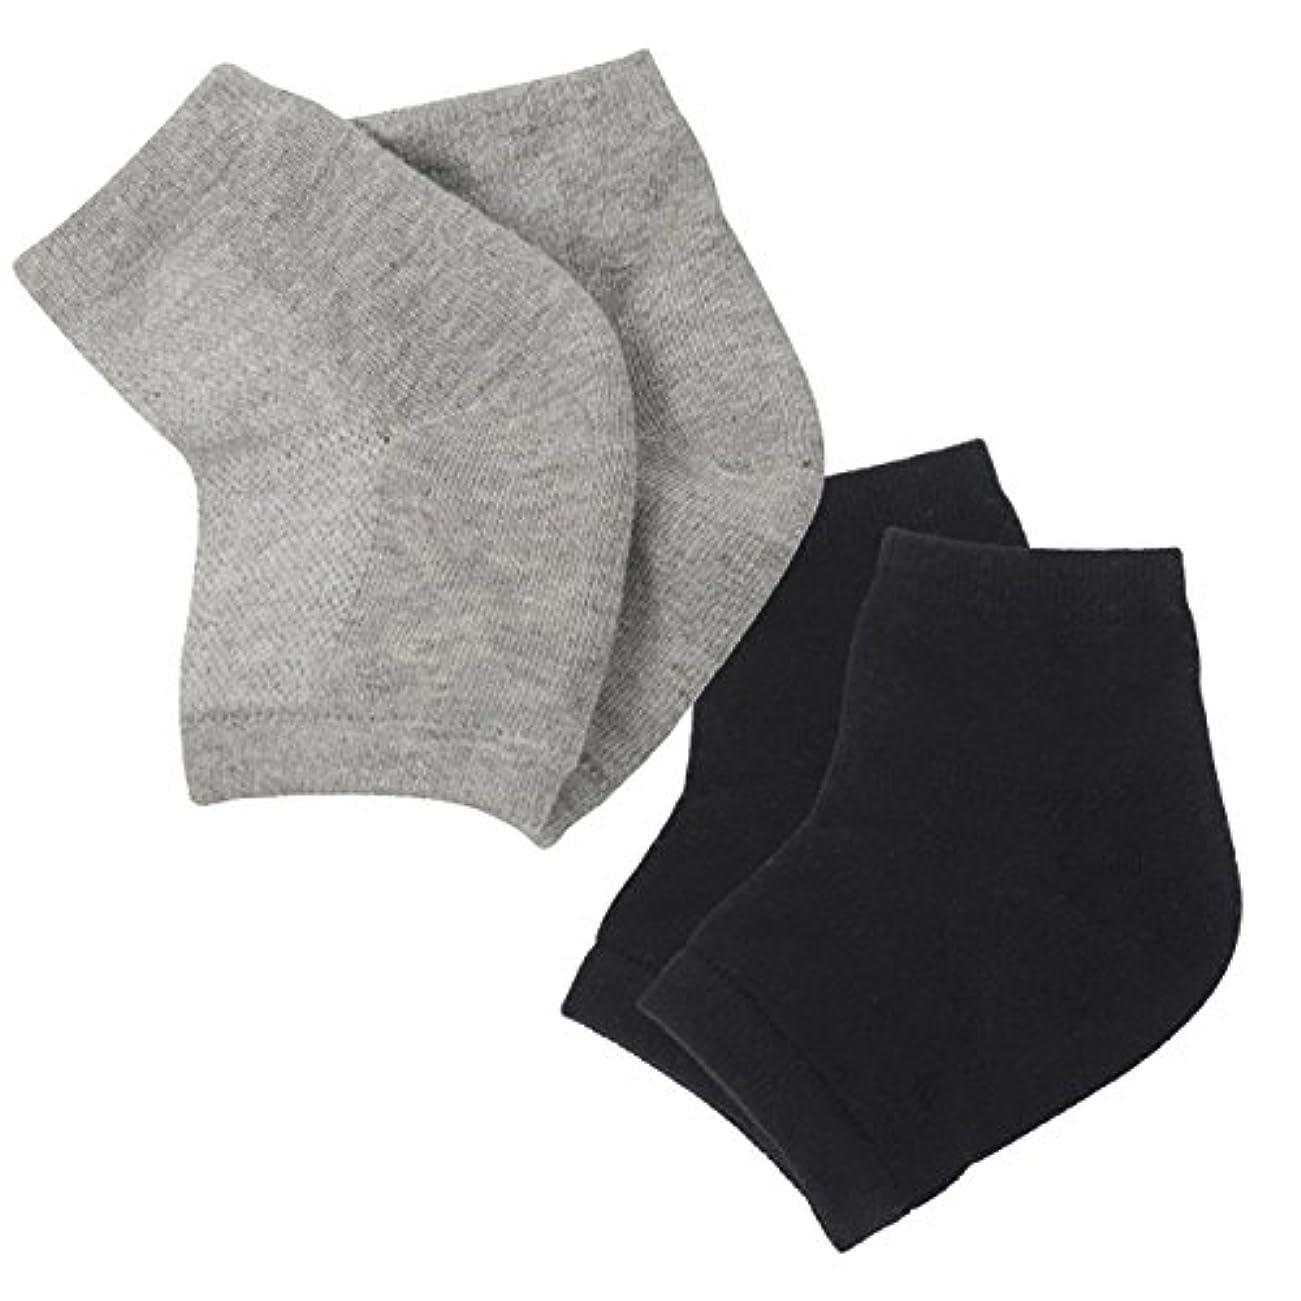 雄弁な閃光疑わしい(アクアランド) AQUALAND かかと 保湿ソックス ツルツル 乾燥 カサカサ 履くだけ 簡単 洗える シリコン 指だし 削らない 塗らない 寝ている間に 男女兼用 サイズフリー 2足組セット (ブラック+グレー)